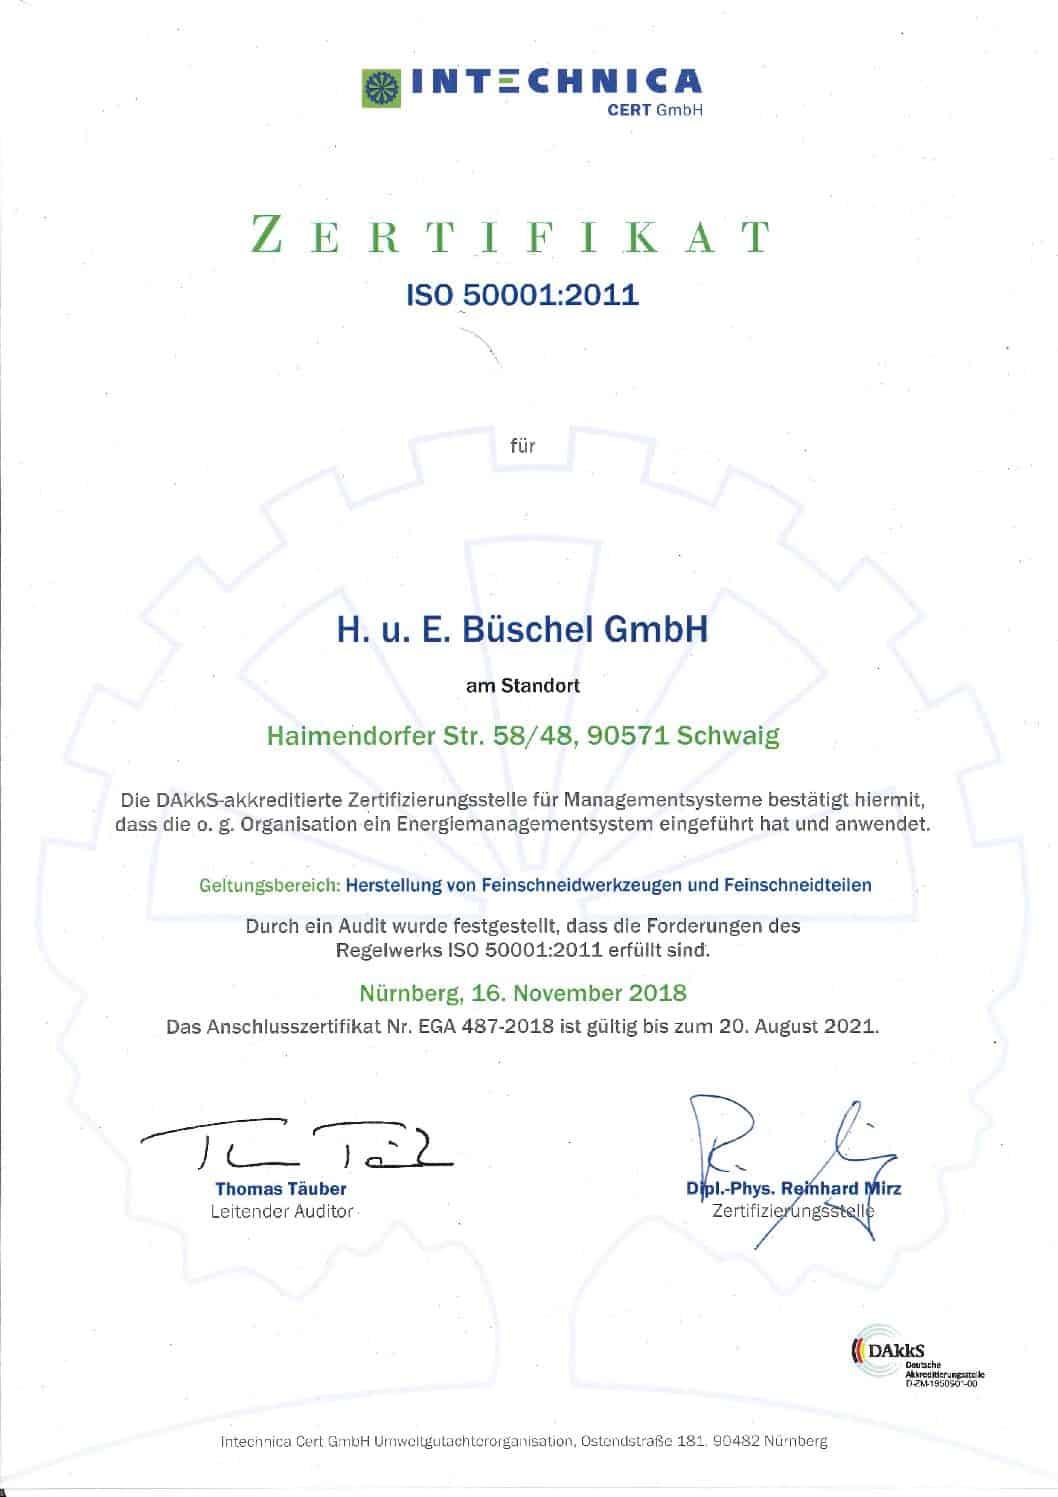 Zertifikat Energiemanagement ISO 50001:2011